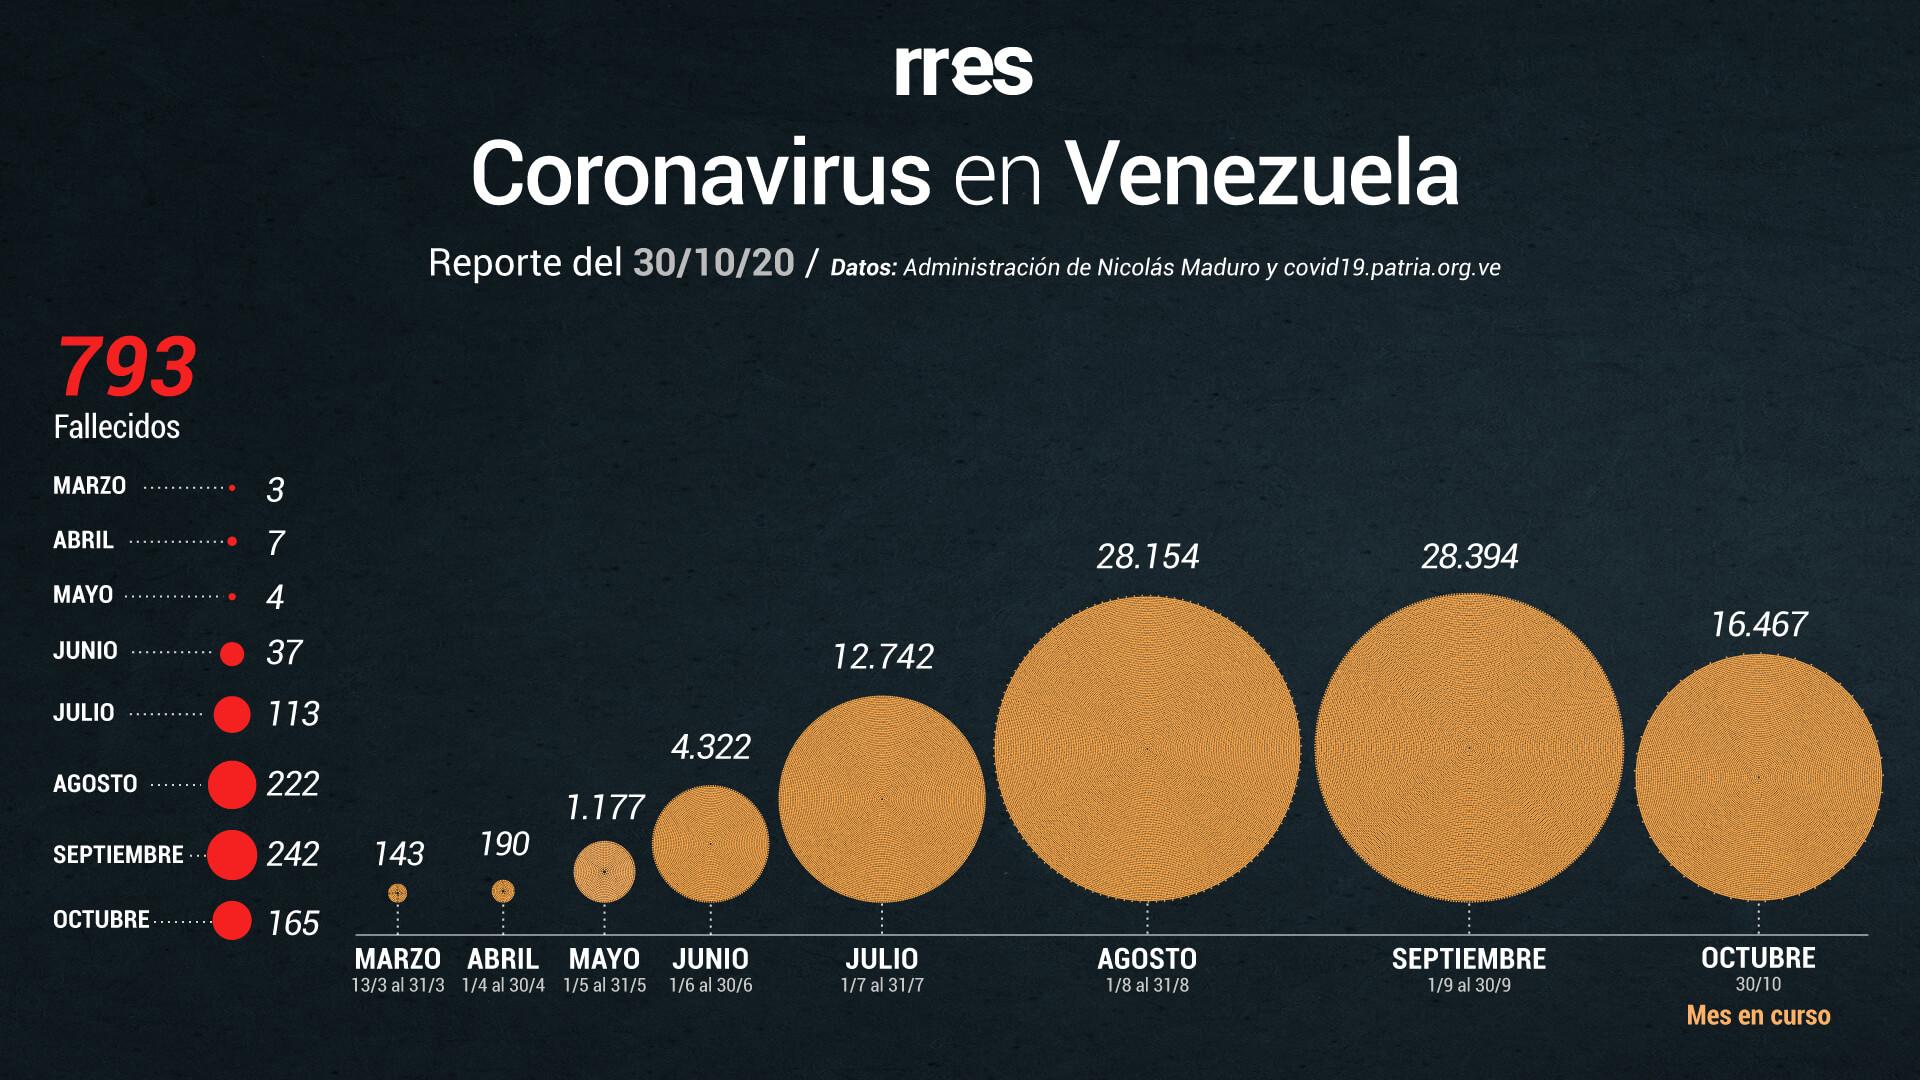 Venezuela registra otros 4 fallecimientos por COVID-19 y 309 nuevos casos este #30Oct